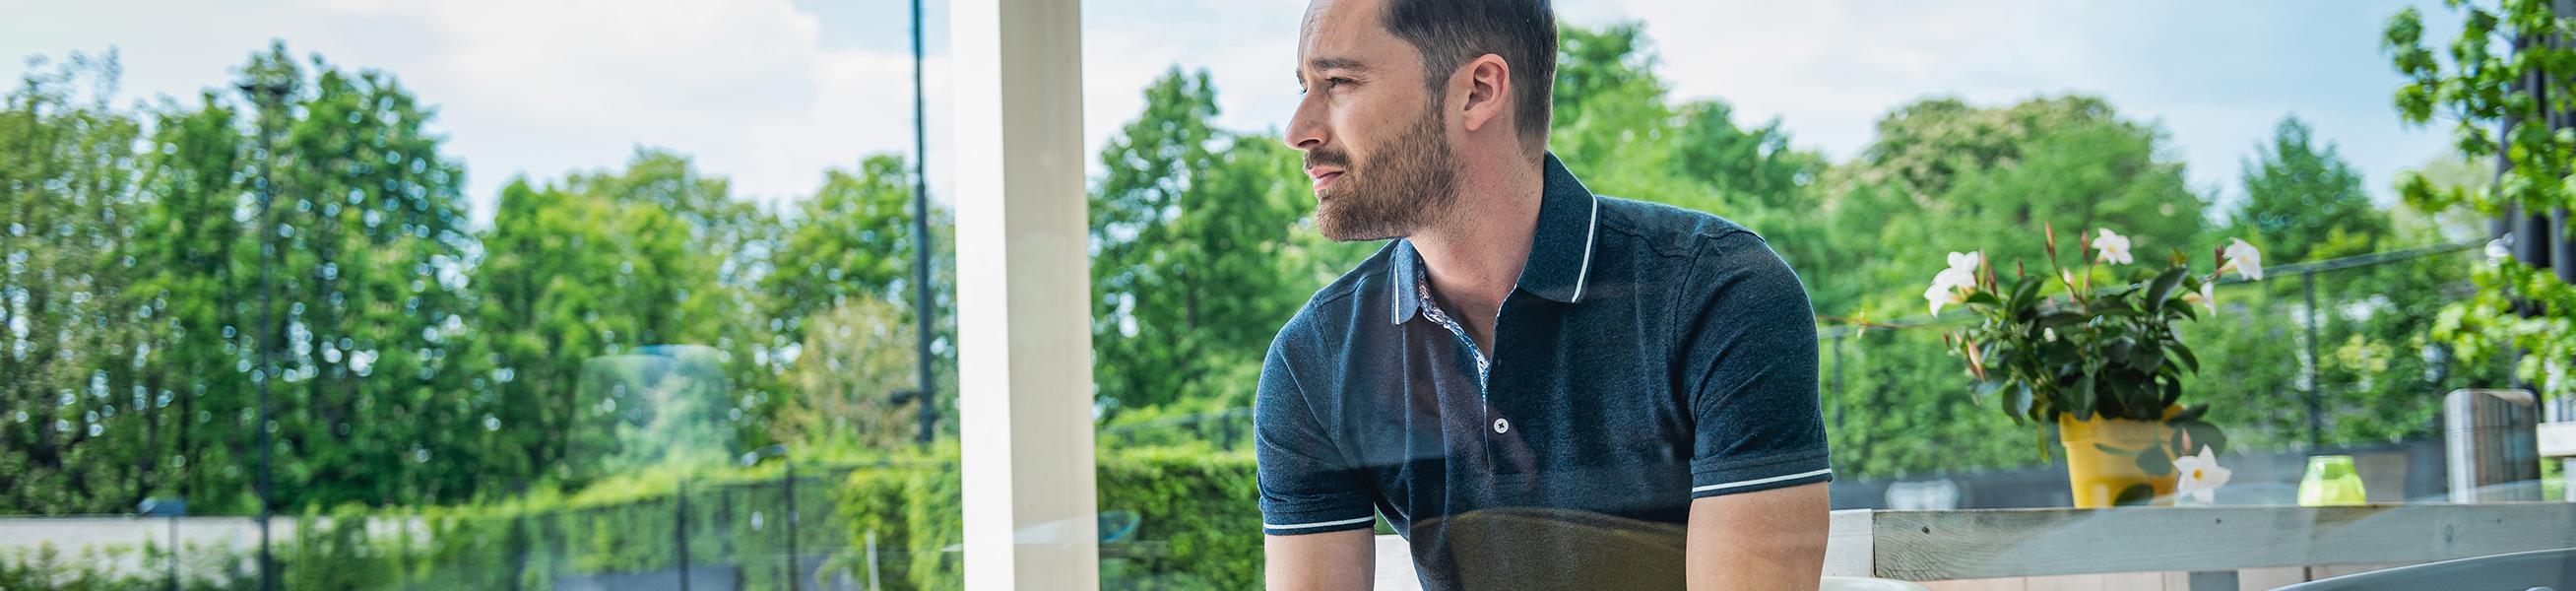 Nieuwe collectie Poloshirts ✔ Het grootse Assortiment aan Poloshirts shop je bij Suitable ✔ ALTIJD gratis verzending & retour in 16 winkels ✔ Morgen in huis